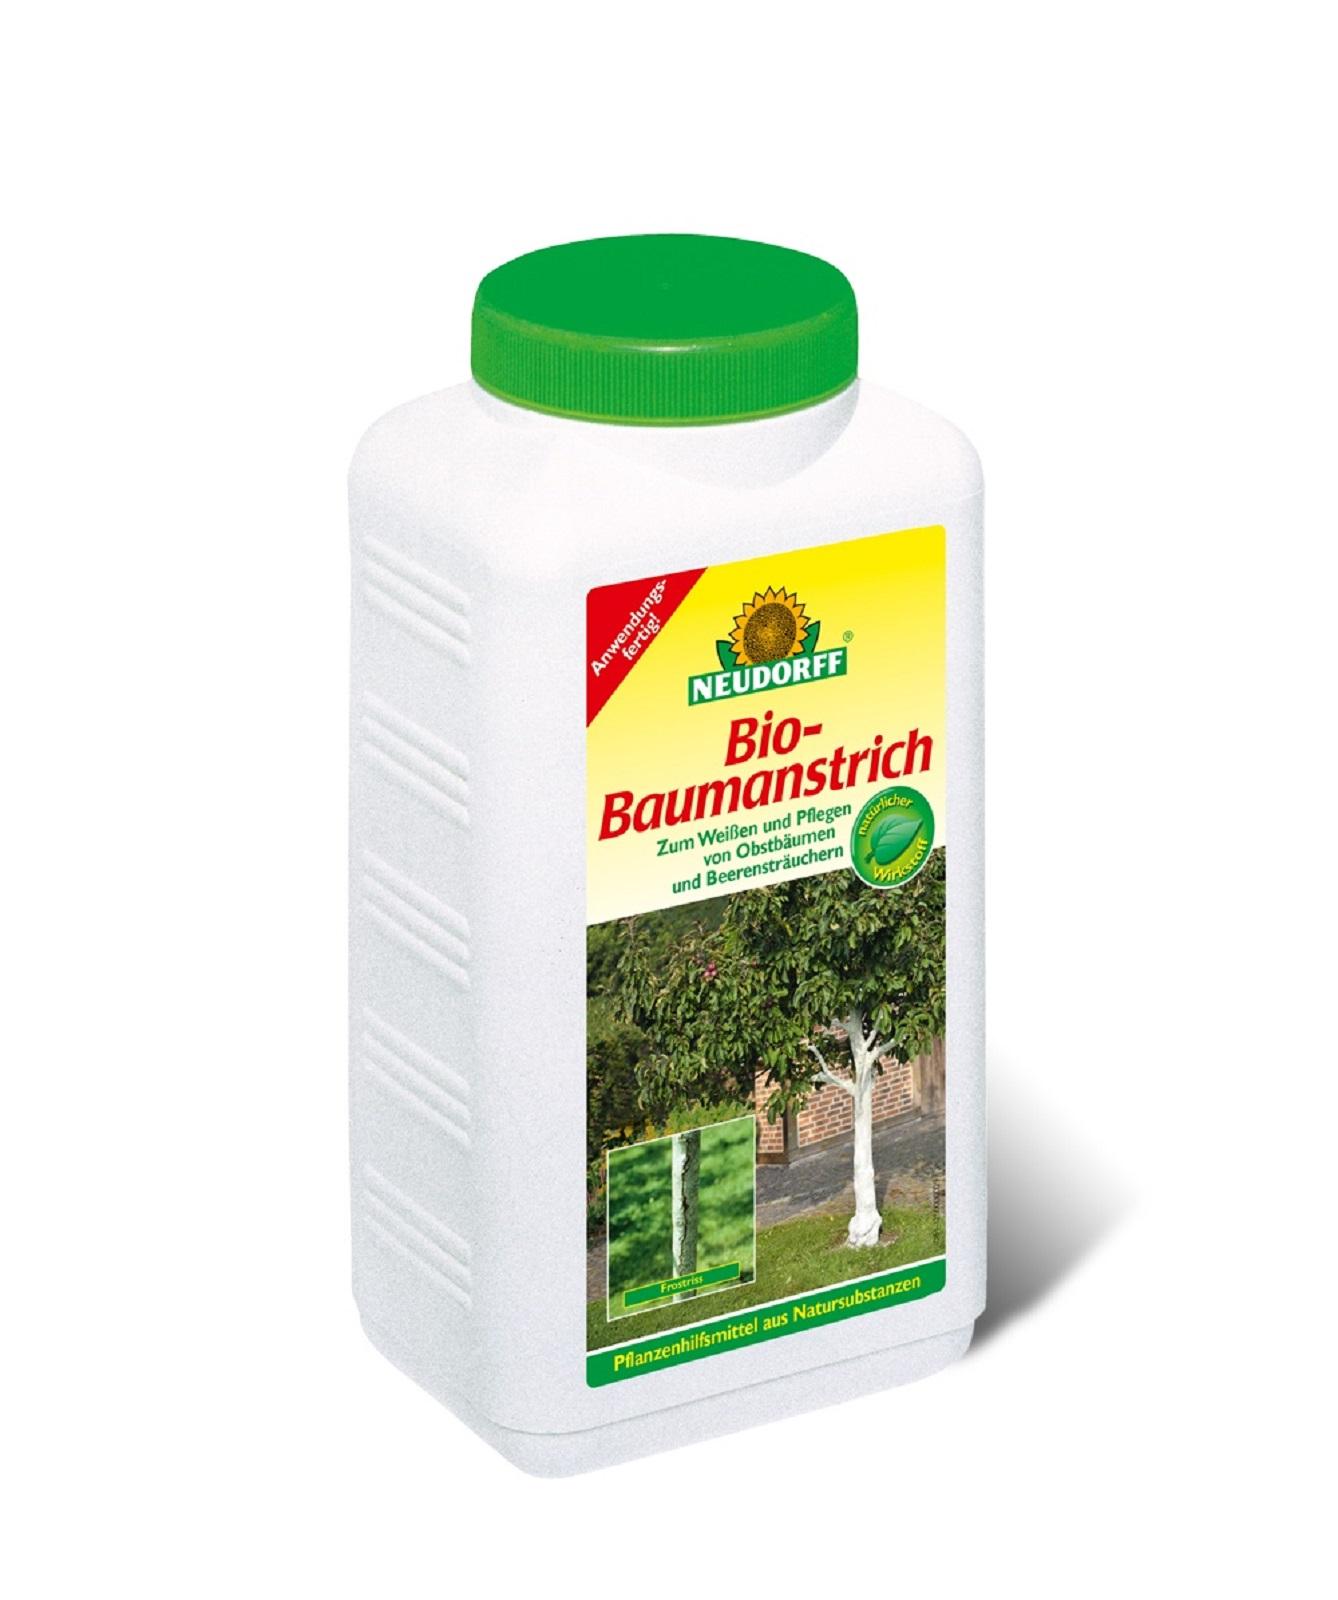 Bio Baumanstrich 2 Liter Baumpflege für Obstbäume und Beerensträucher